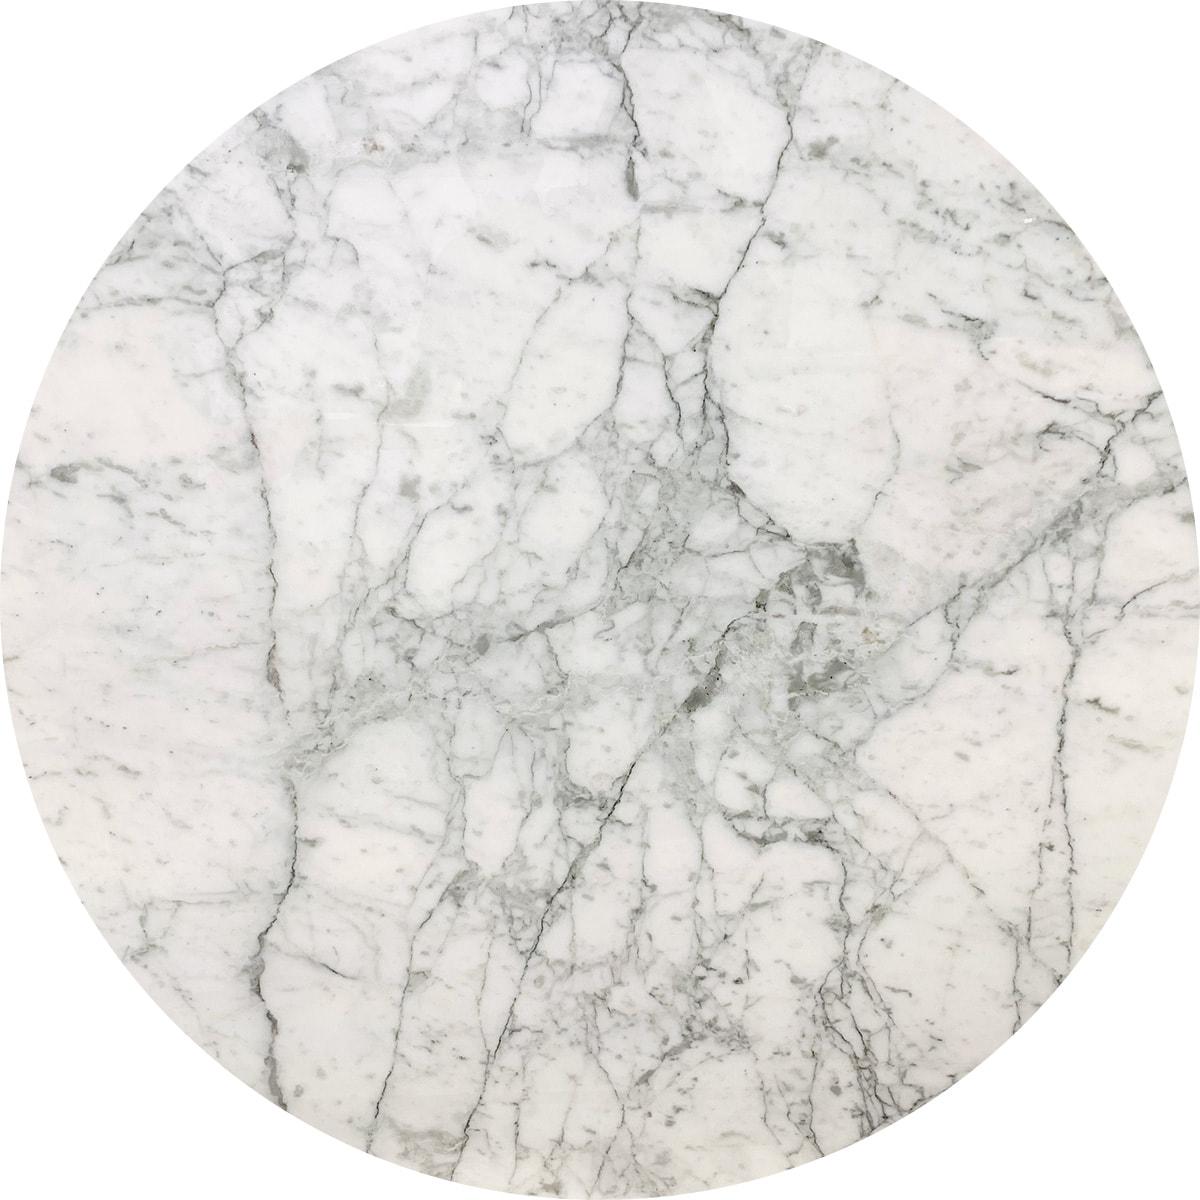 Saarinen Collection Round Tables(サーリネンテーブル) 1200mm アラベスカート 176TRMA2 (014)